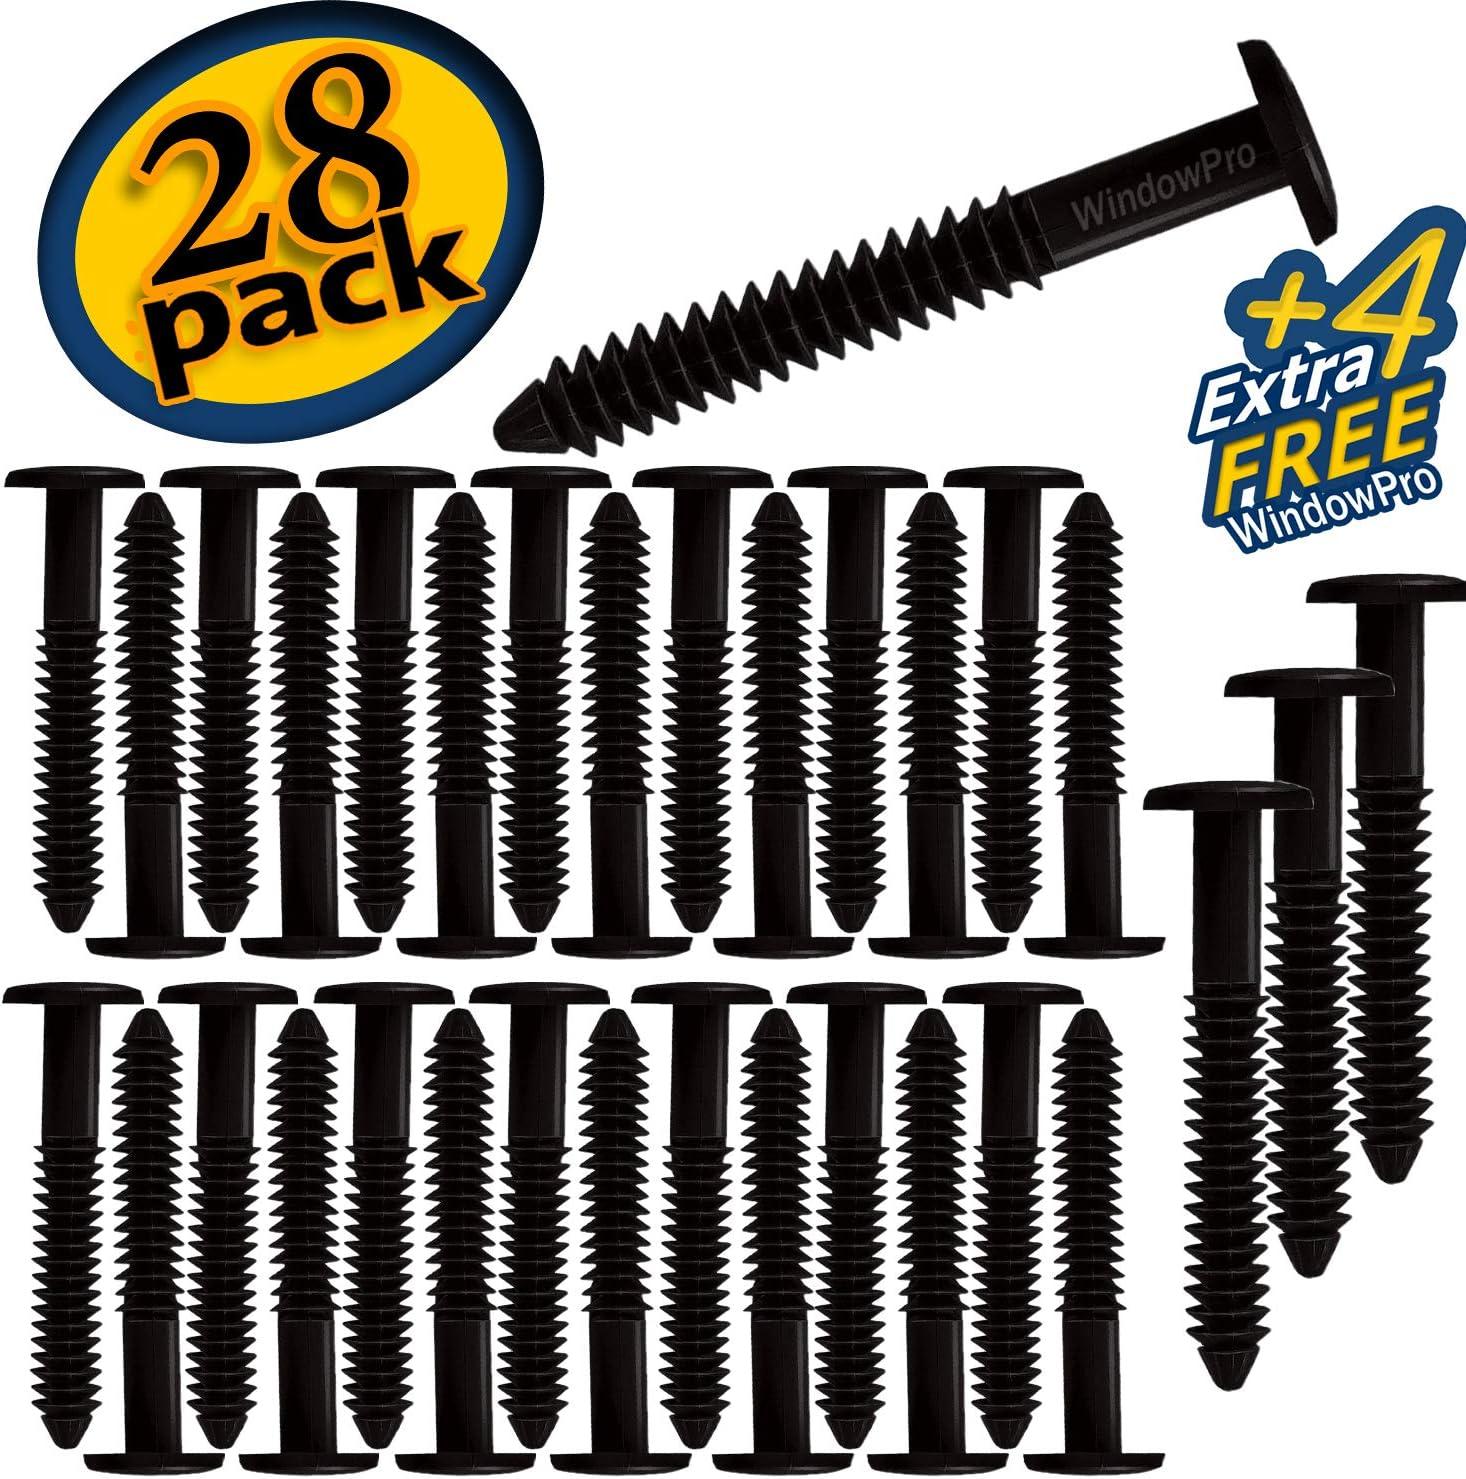 WindowPro Burgundy 32 Pack Fasteners Shutter Pegs Spikes Screws